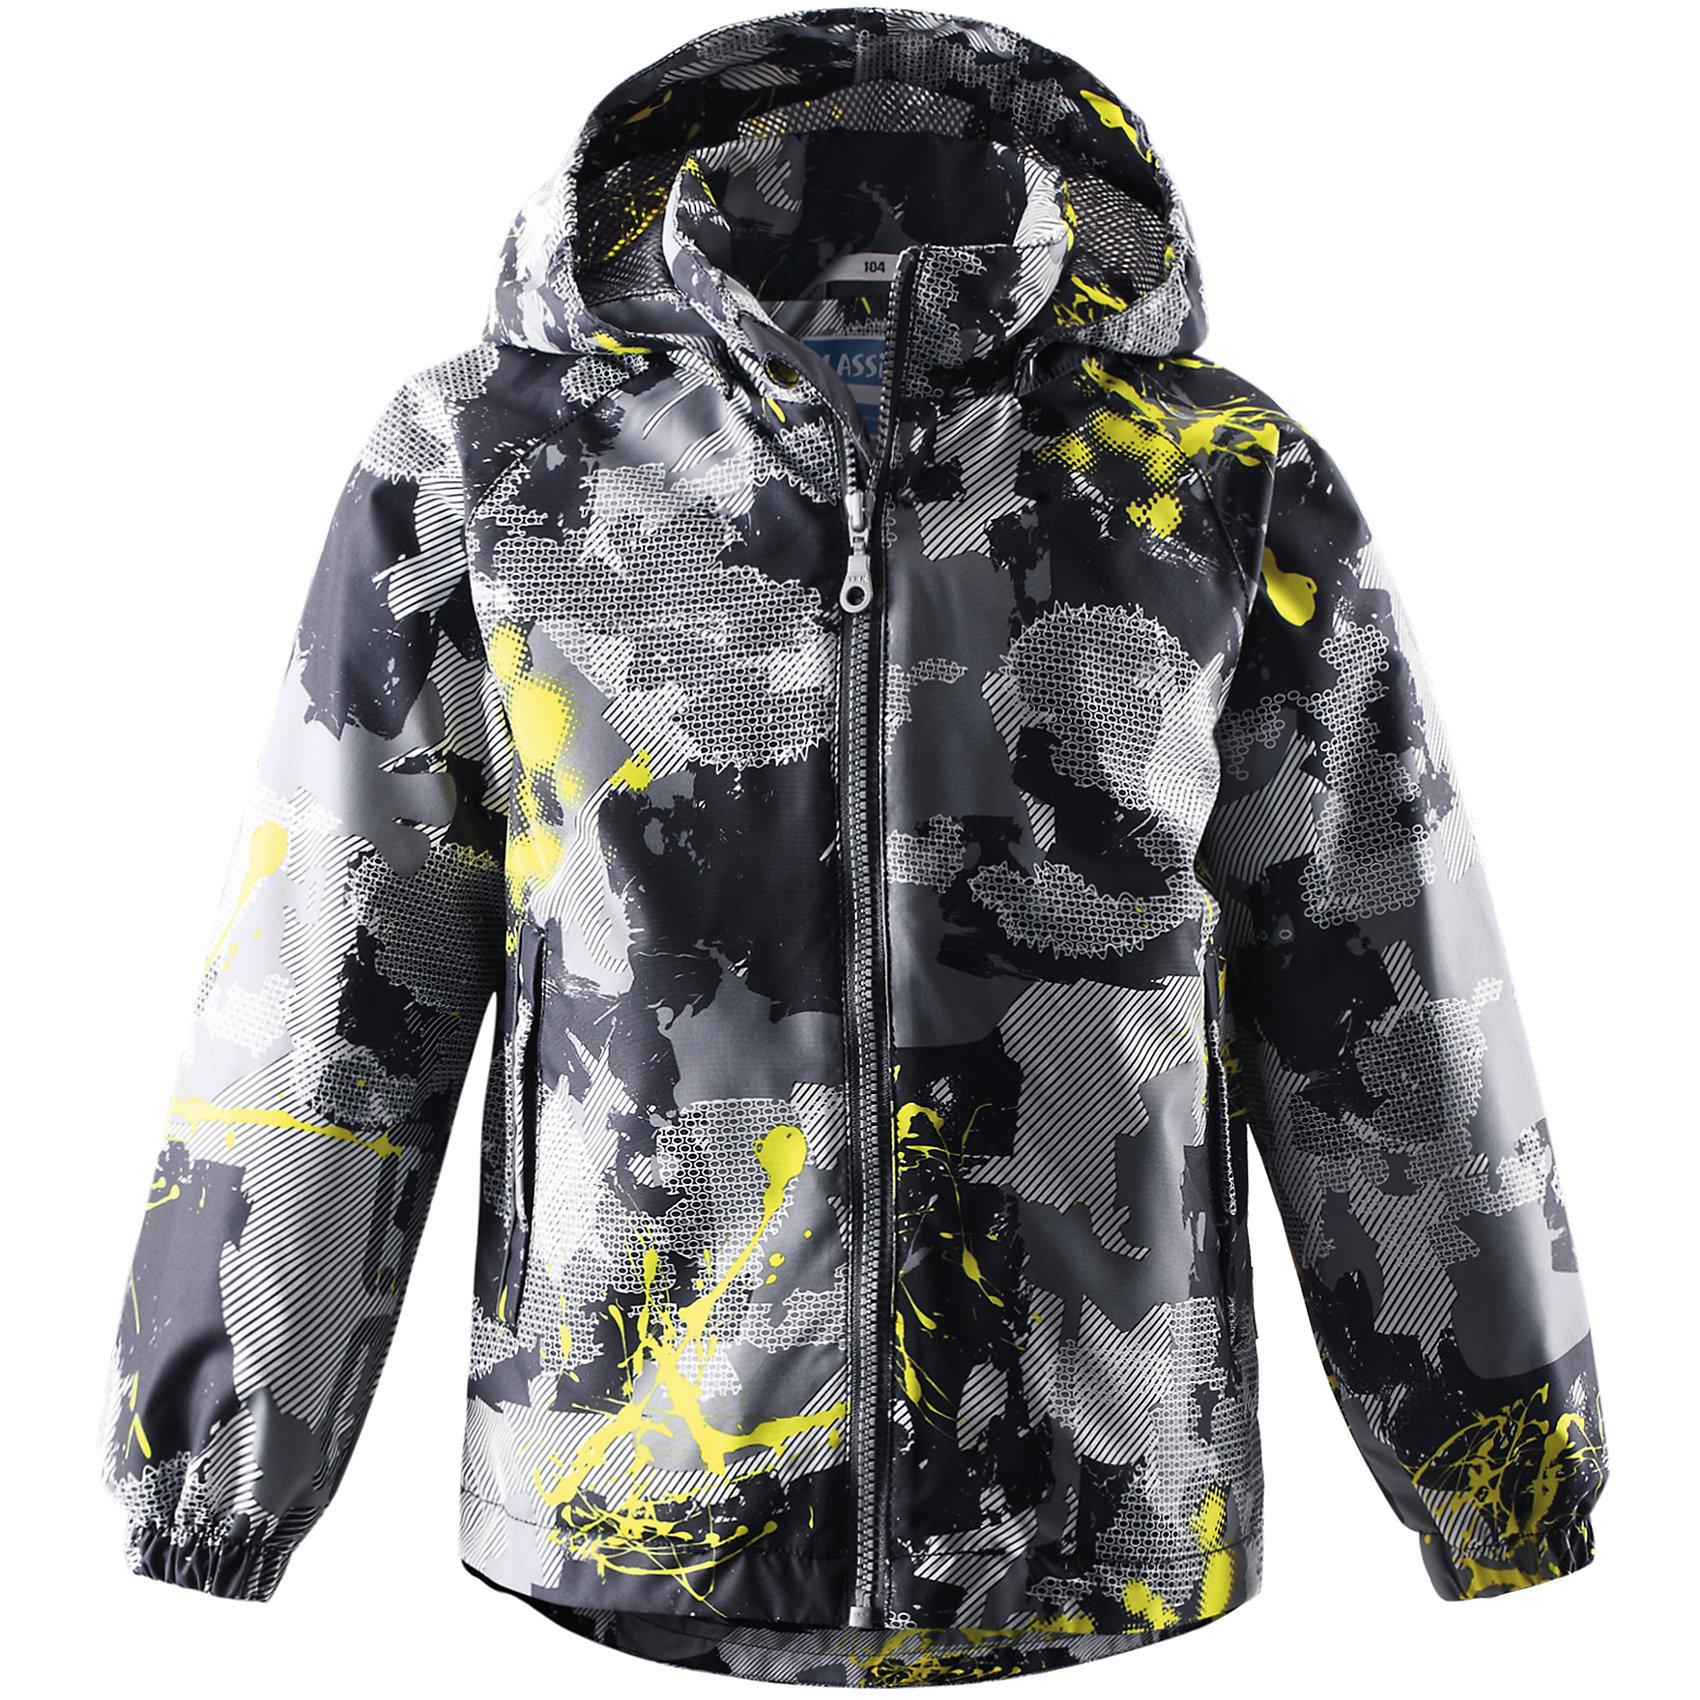 Куртка для мальчика LASSIE by ReimaОдежда<br>Куртка для мальчика от известной компании LASSIE by Reima<br><br>Демисезонная куртка - отличная вещь для прогулок и активного отдыха. Она создана для прохладной погоды - спасет от ветра и дождя.<br>Куртка выполнена в оригинальной расцветке, легко надевается, не промокает. Ее очень просто чистить. Эта стильная и качественная вещь прослужит не один сезон!<br><br>Особенности модели:<br><br>- цвет: серый, черный;<br>- без утеплителя;<br>- подкладка из mesh-сетки;<br>- съемный капюшон;<br>- подол куртки регулируется;<br>- водо- и ветронепроницаемый, грязеотталкивающий материал;<br>- карманы на липучках;<br>- декорирована принтом;<br>-внизу рукавов - резинки.<br><br>Дополнительная информация:<br><br>Температурный режим: от +10° до +20° С<br><br>Состав: 100% полиэстер<br><br>Куртку для мальчика от известной компании LASSIE by Reima (Лэсси Рейма) можно купить в нашем магазине.<br><br>Ширина мм: 356<br>Глубина мм: 10<br>Высота мм: 245<br>Вес г: 519<br>Цвет: черный<br>Возраст от месяцев: 84<br>Возраст до месяцев: 96<br>Пол: Мужской<br>Возраст: Детский<br>Размер: 128,104,98,110,116,134,140,122,92<br>SKU: 4555153